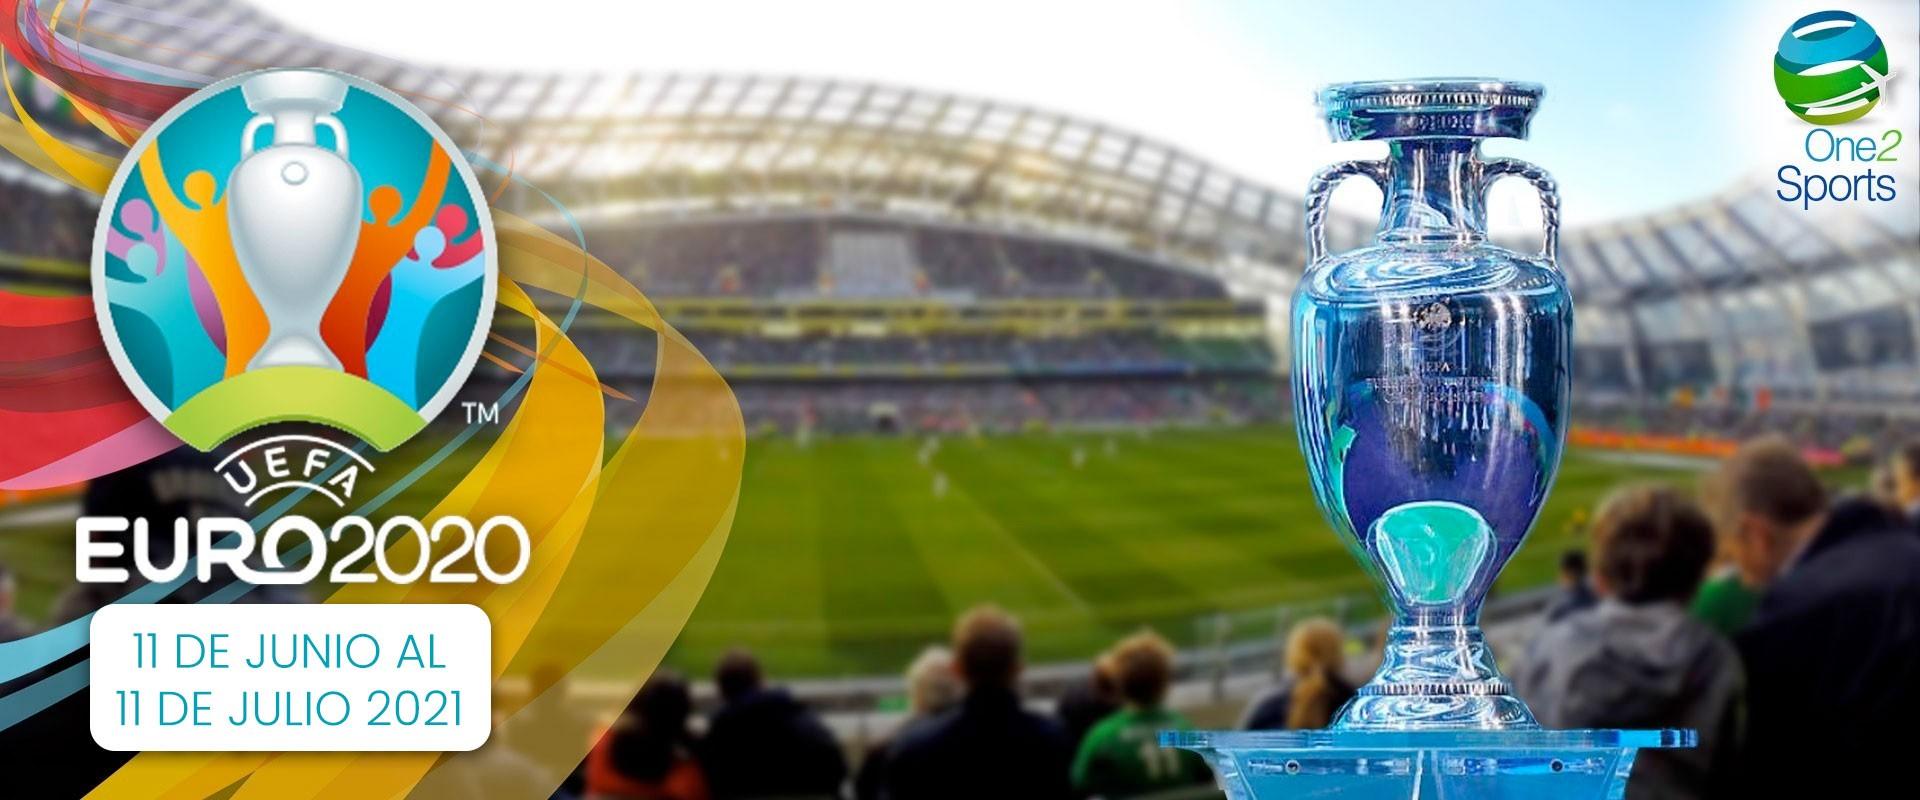 Eurocopa en Bakú